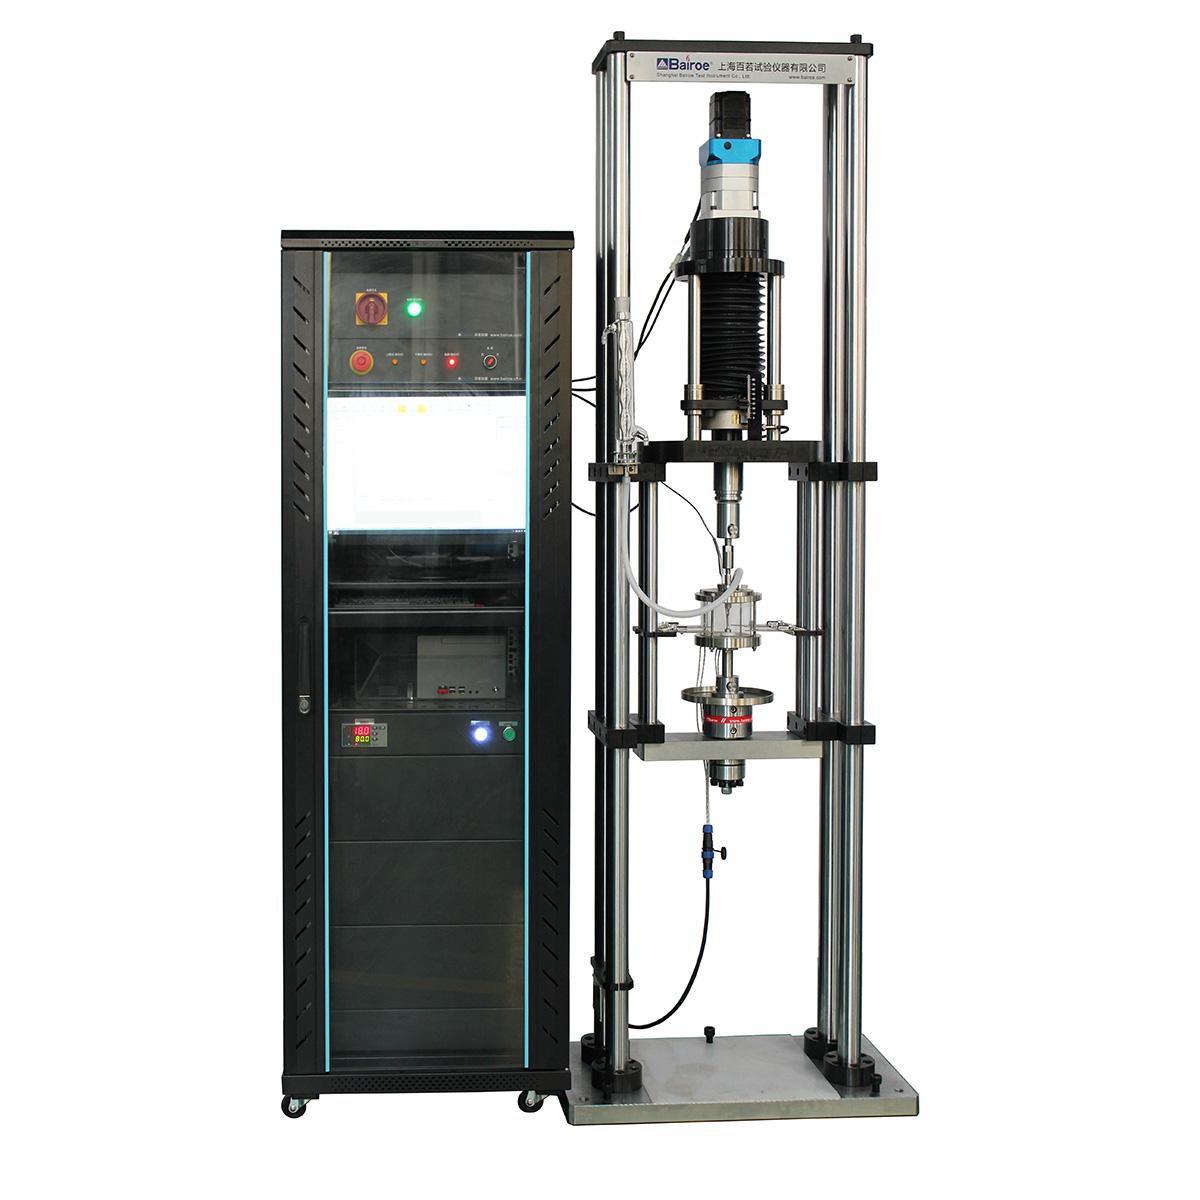 氯化鈉/氯化鎂介質 慢應變速率應力腐蝕試驗機